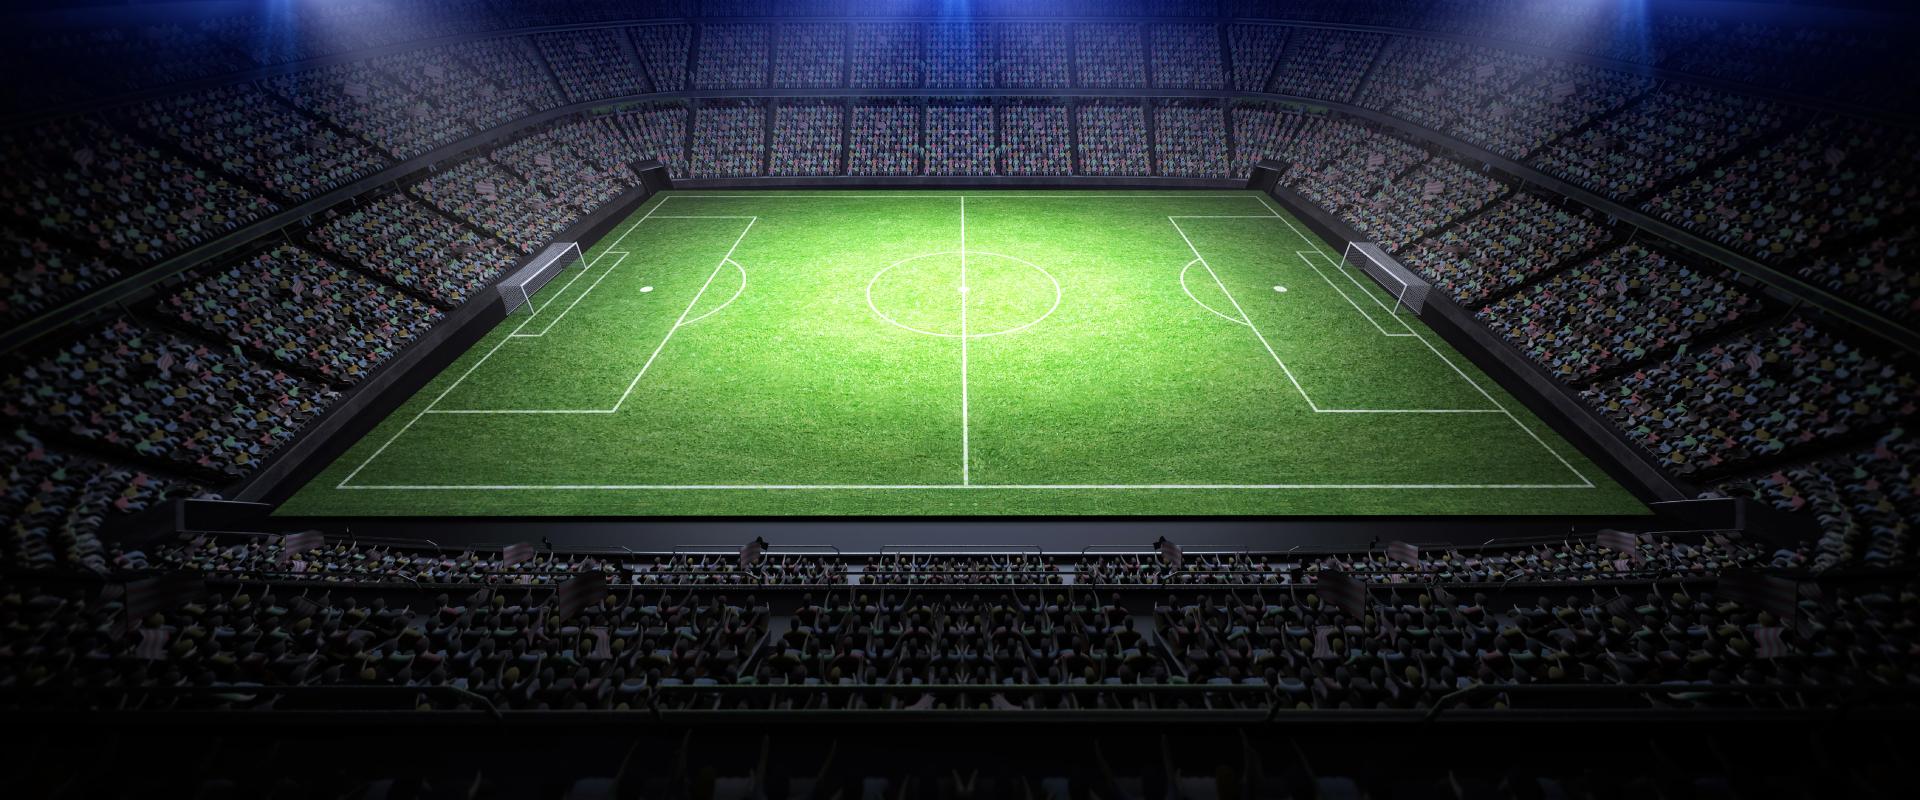 est u00e1dio de futebol centro de atletismo est u00e1dio instala u00e7 u00e3o